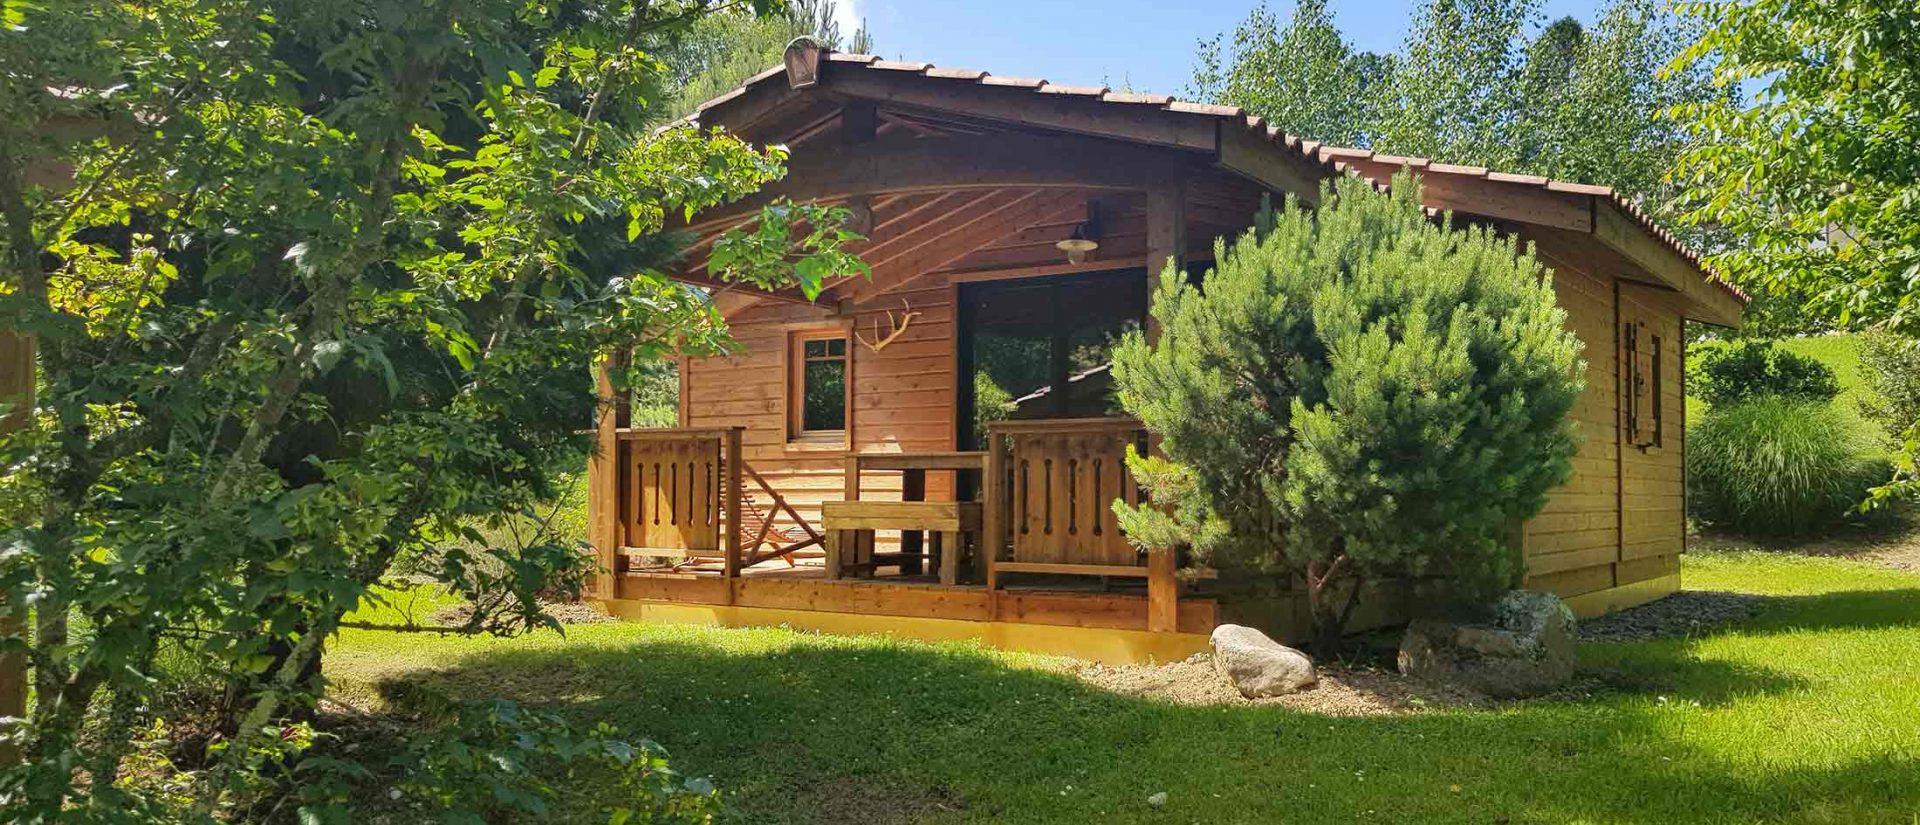 Vue extérieure du Chalet Eco Lodge au Camping pays basque 4 étoiles Eskualduna